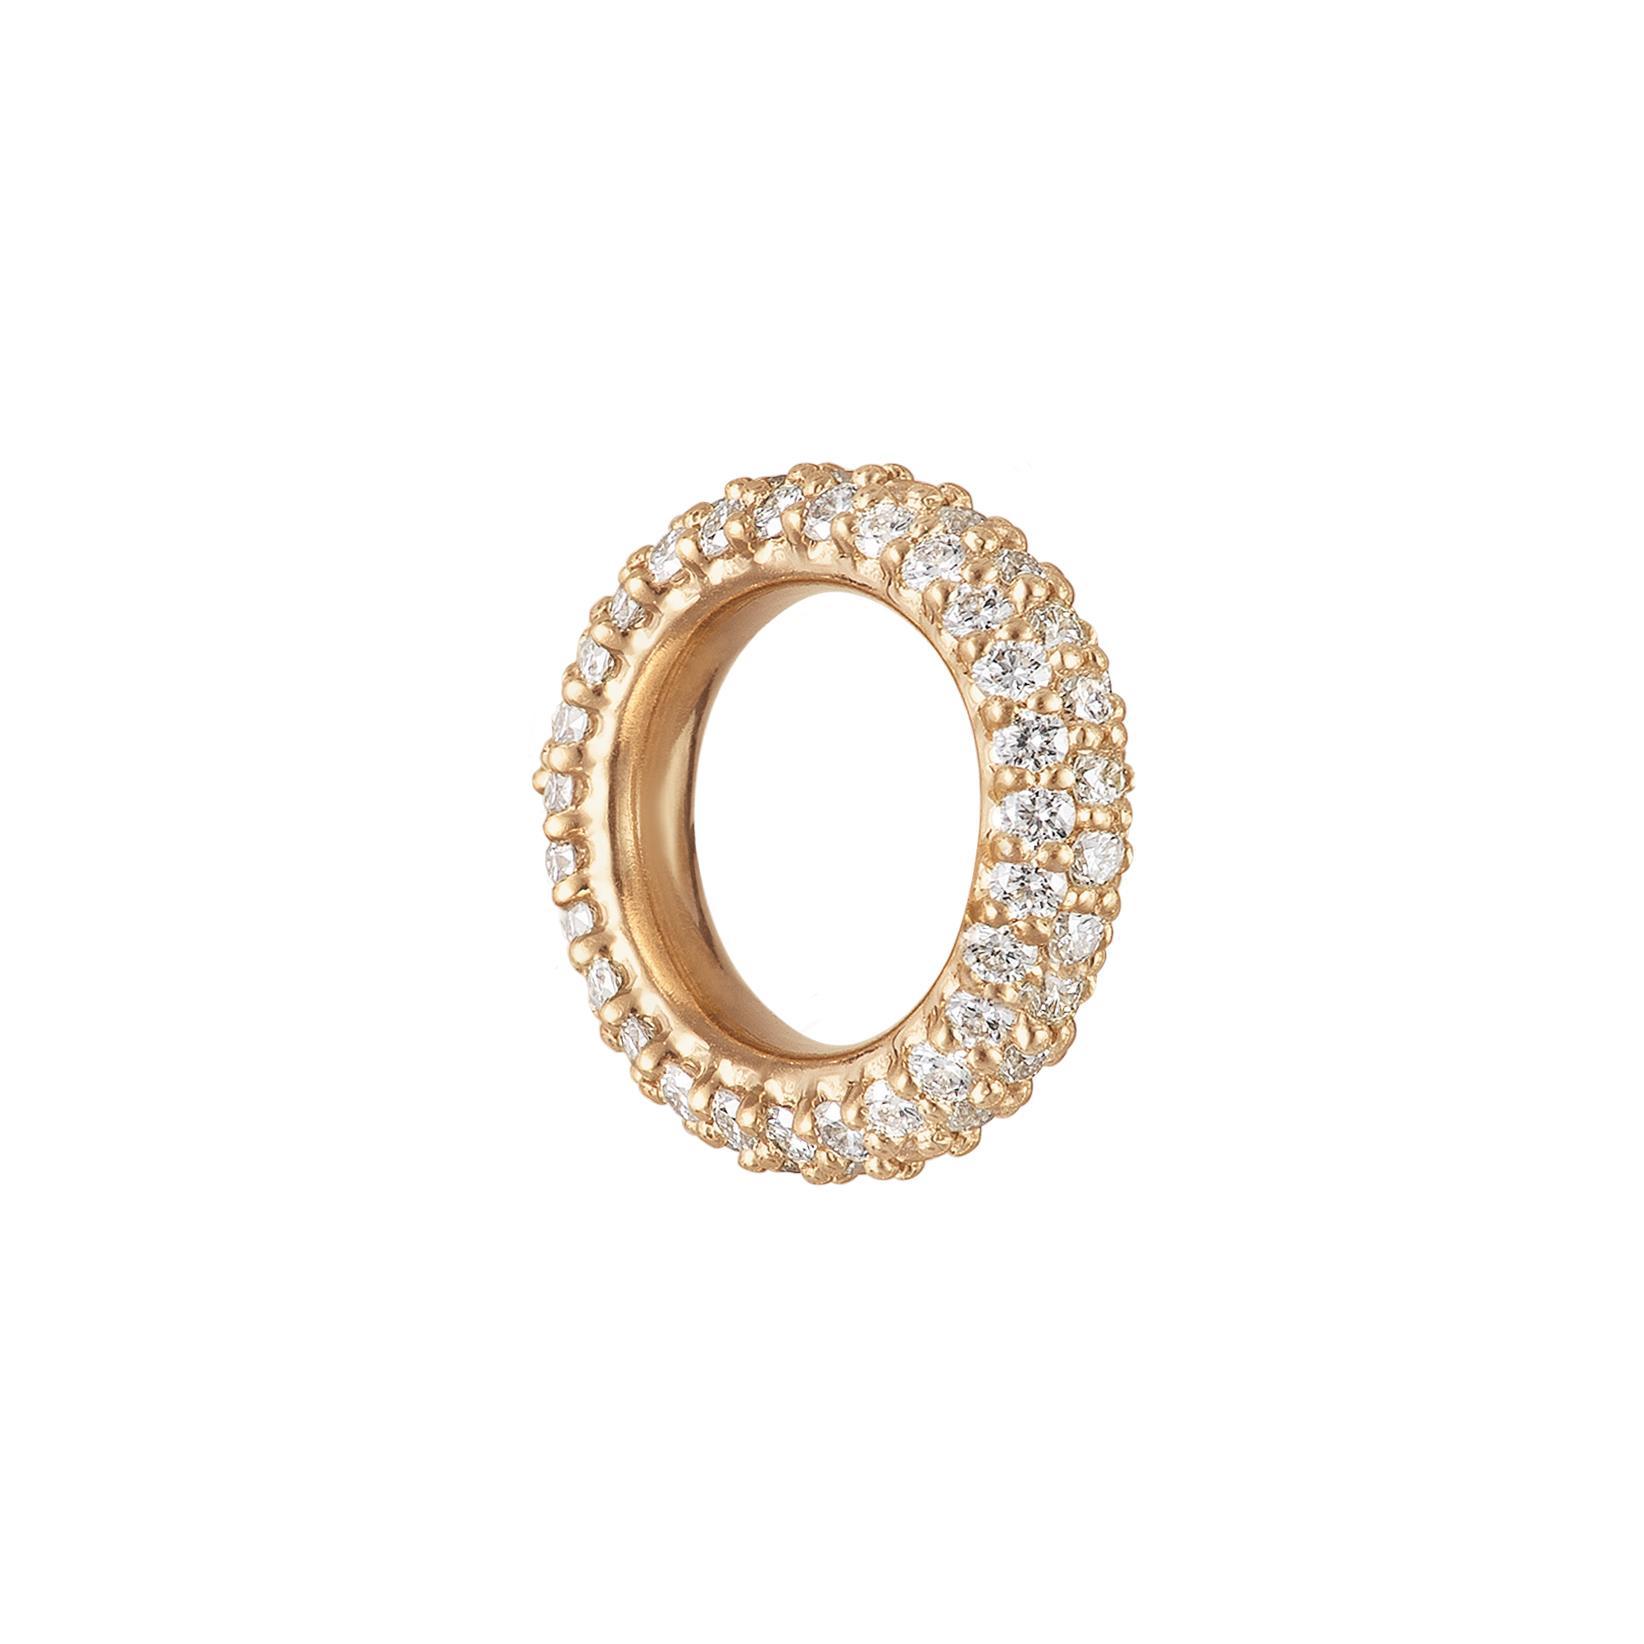 Anhänger Nature Diamanten 18ct Gelbgold - Ole Lynggaard - A3048-401